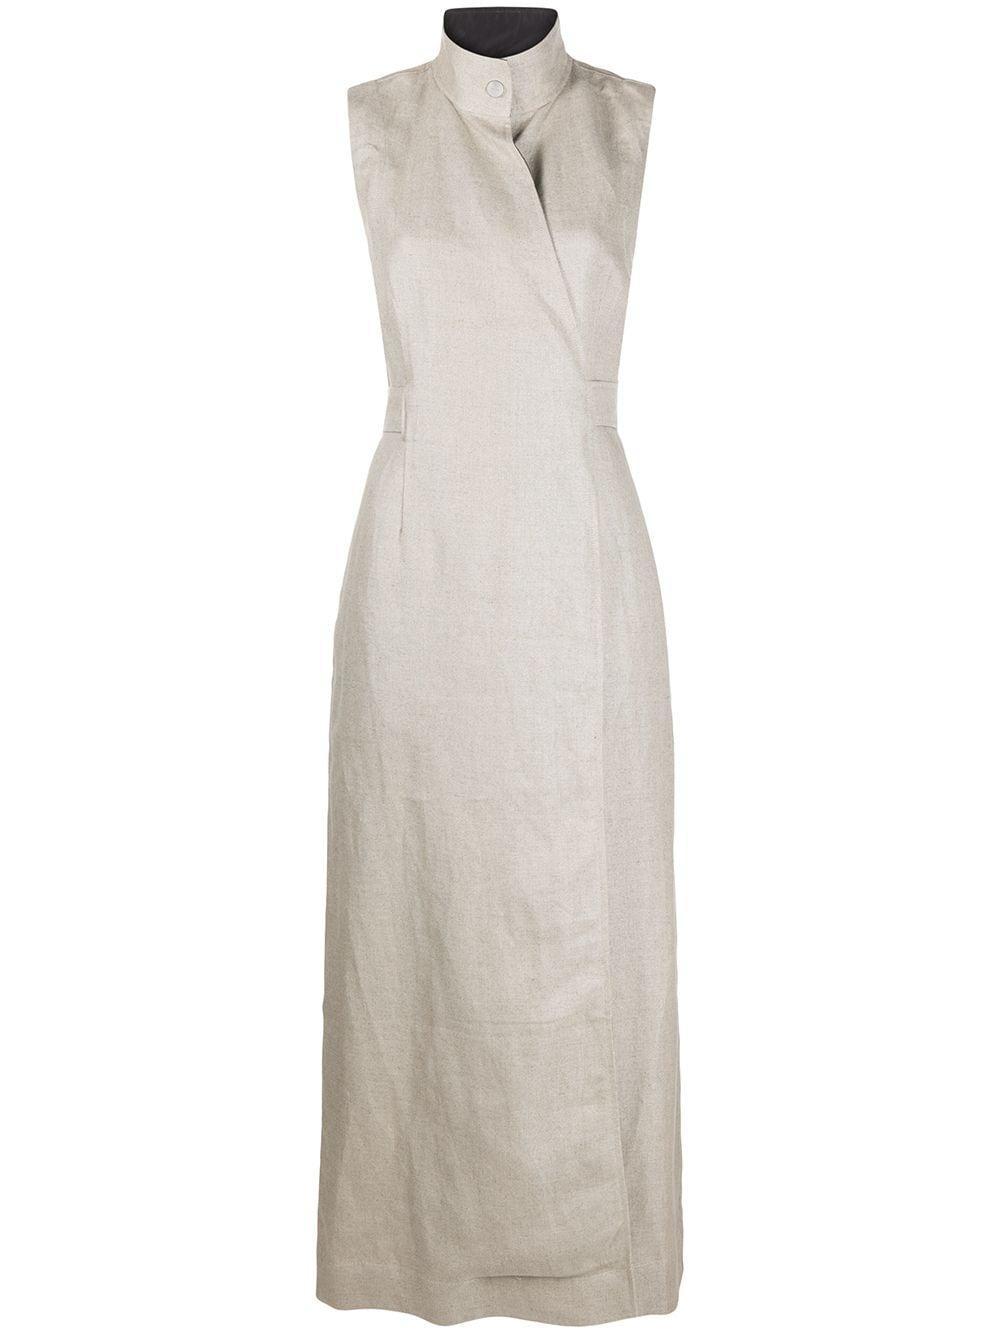 Linen Sleeveless High Neck Dress Item # F4549